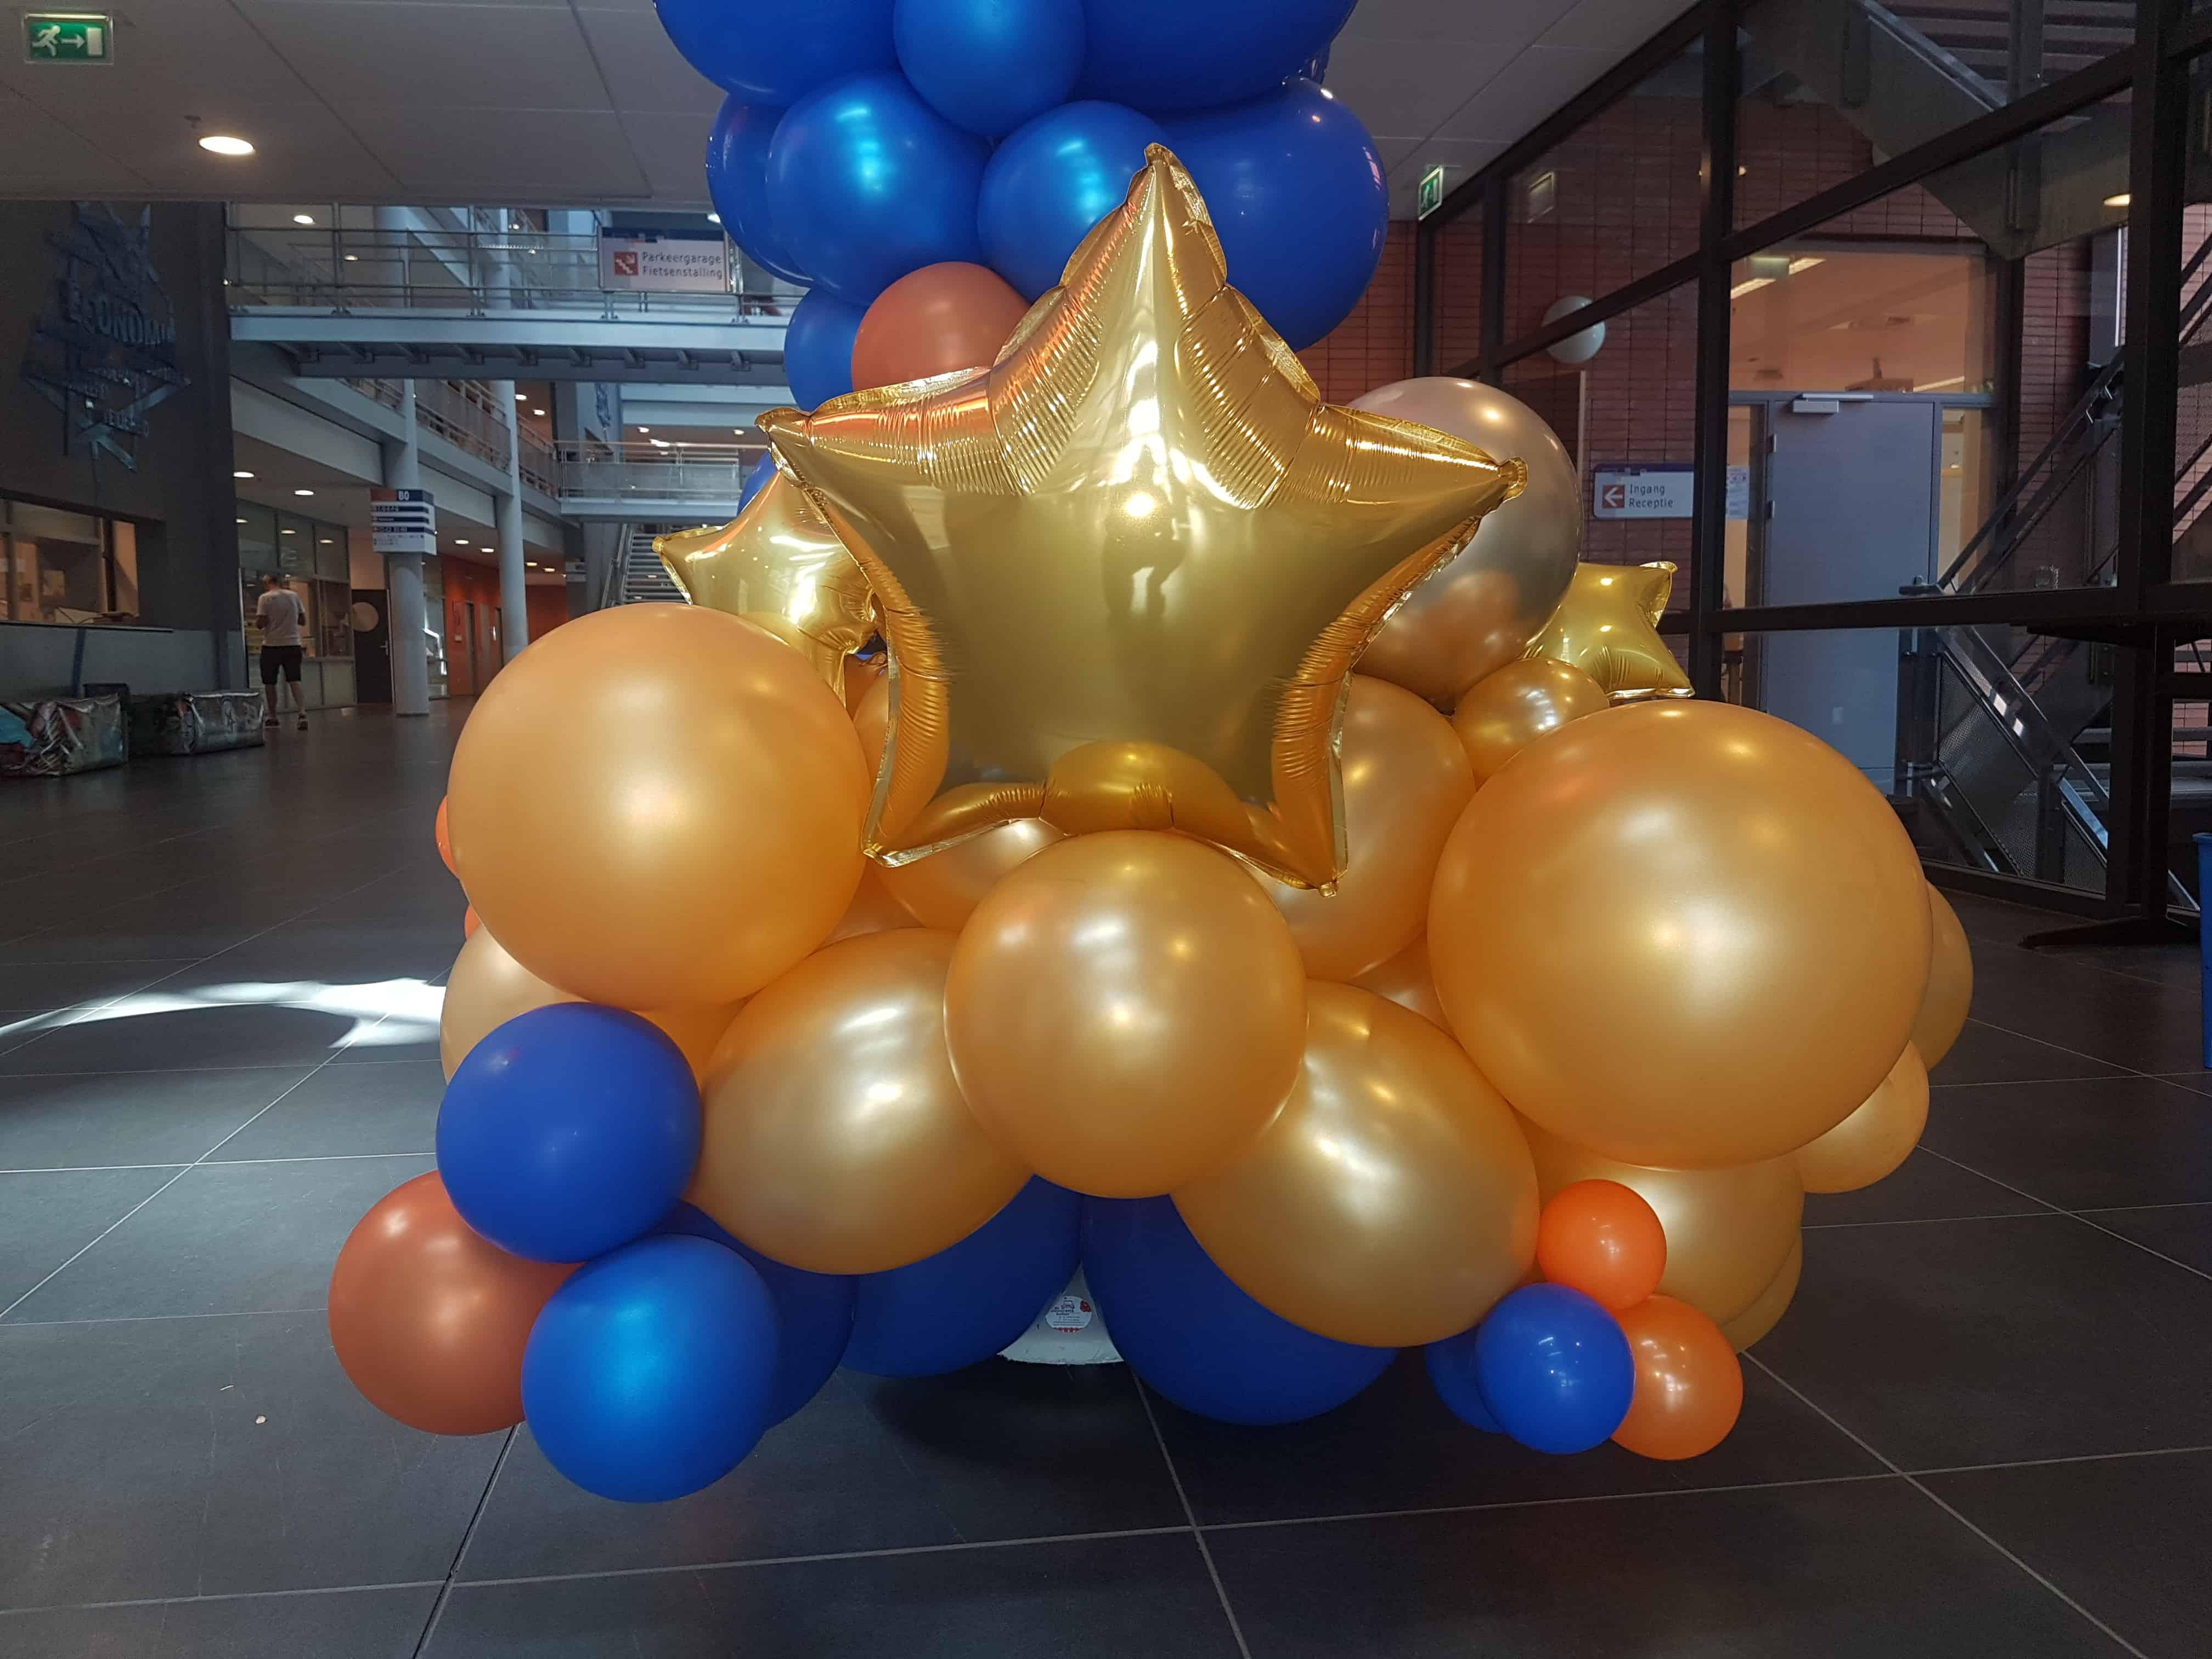 ster-ballon-geslaagd